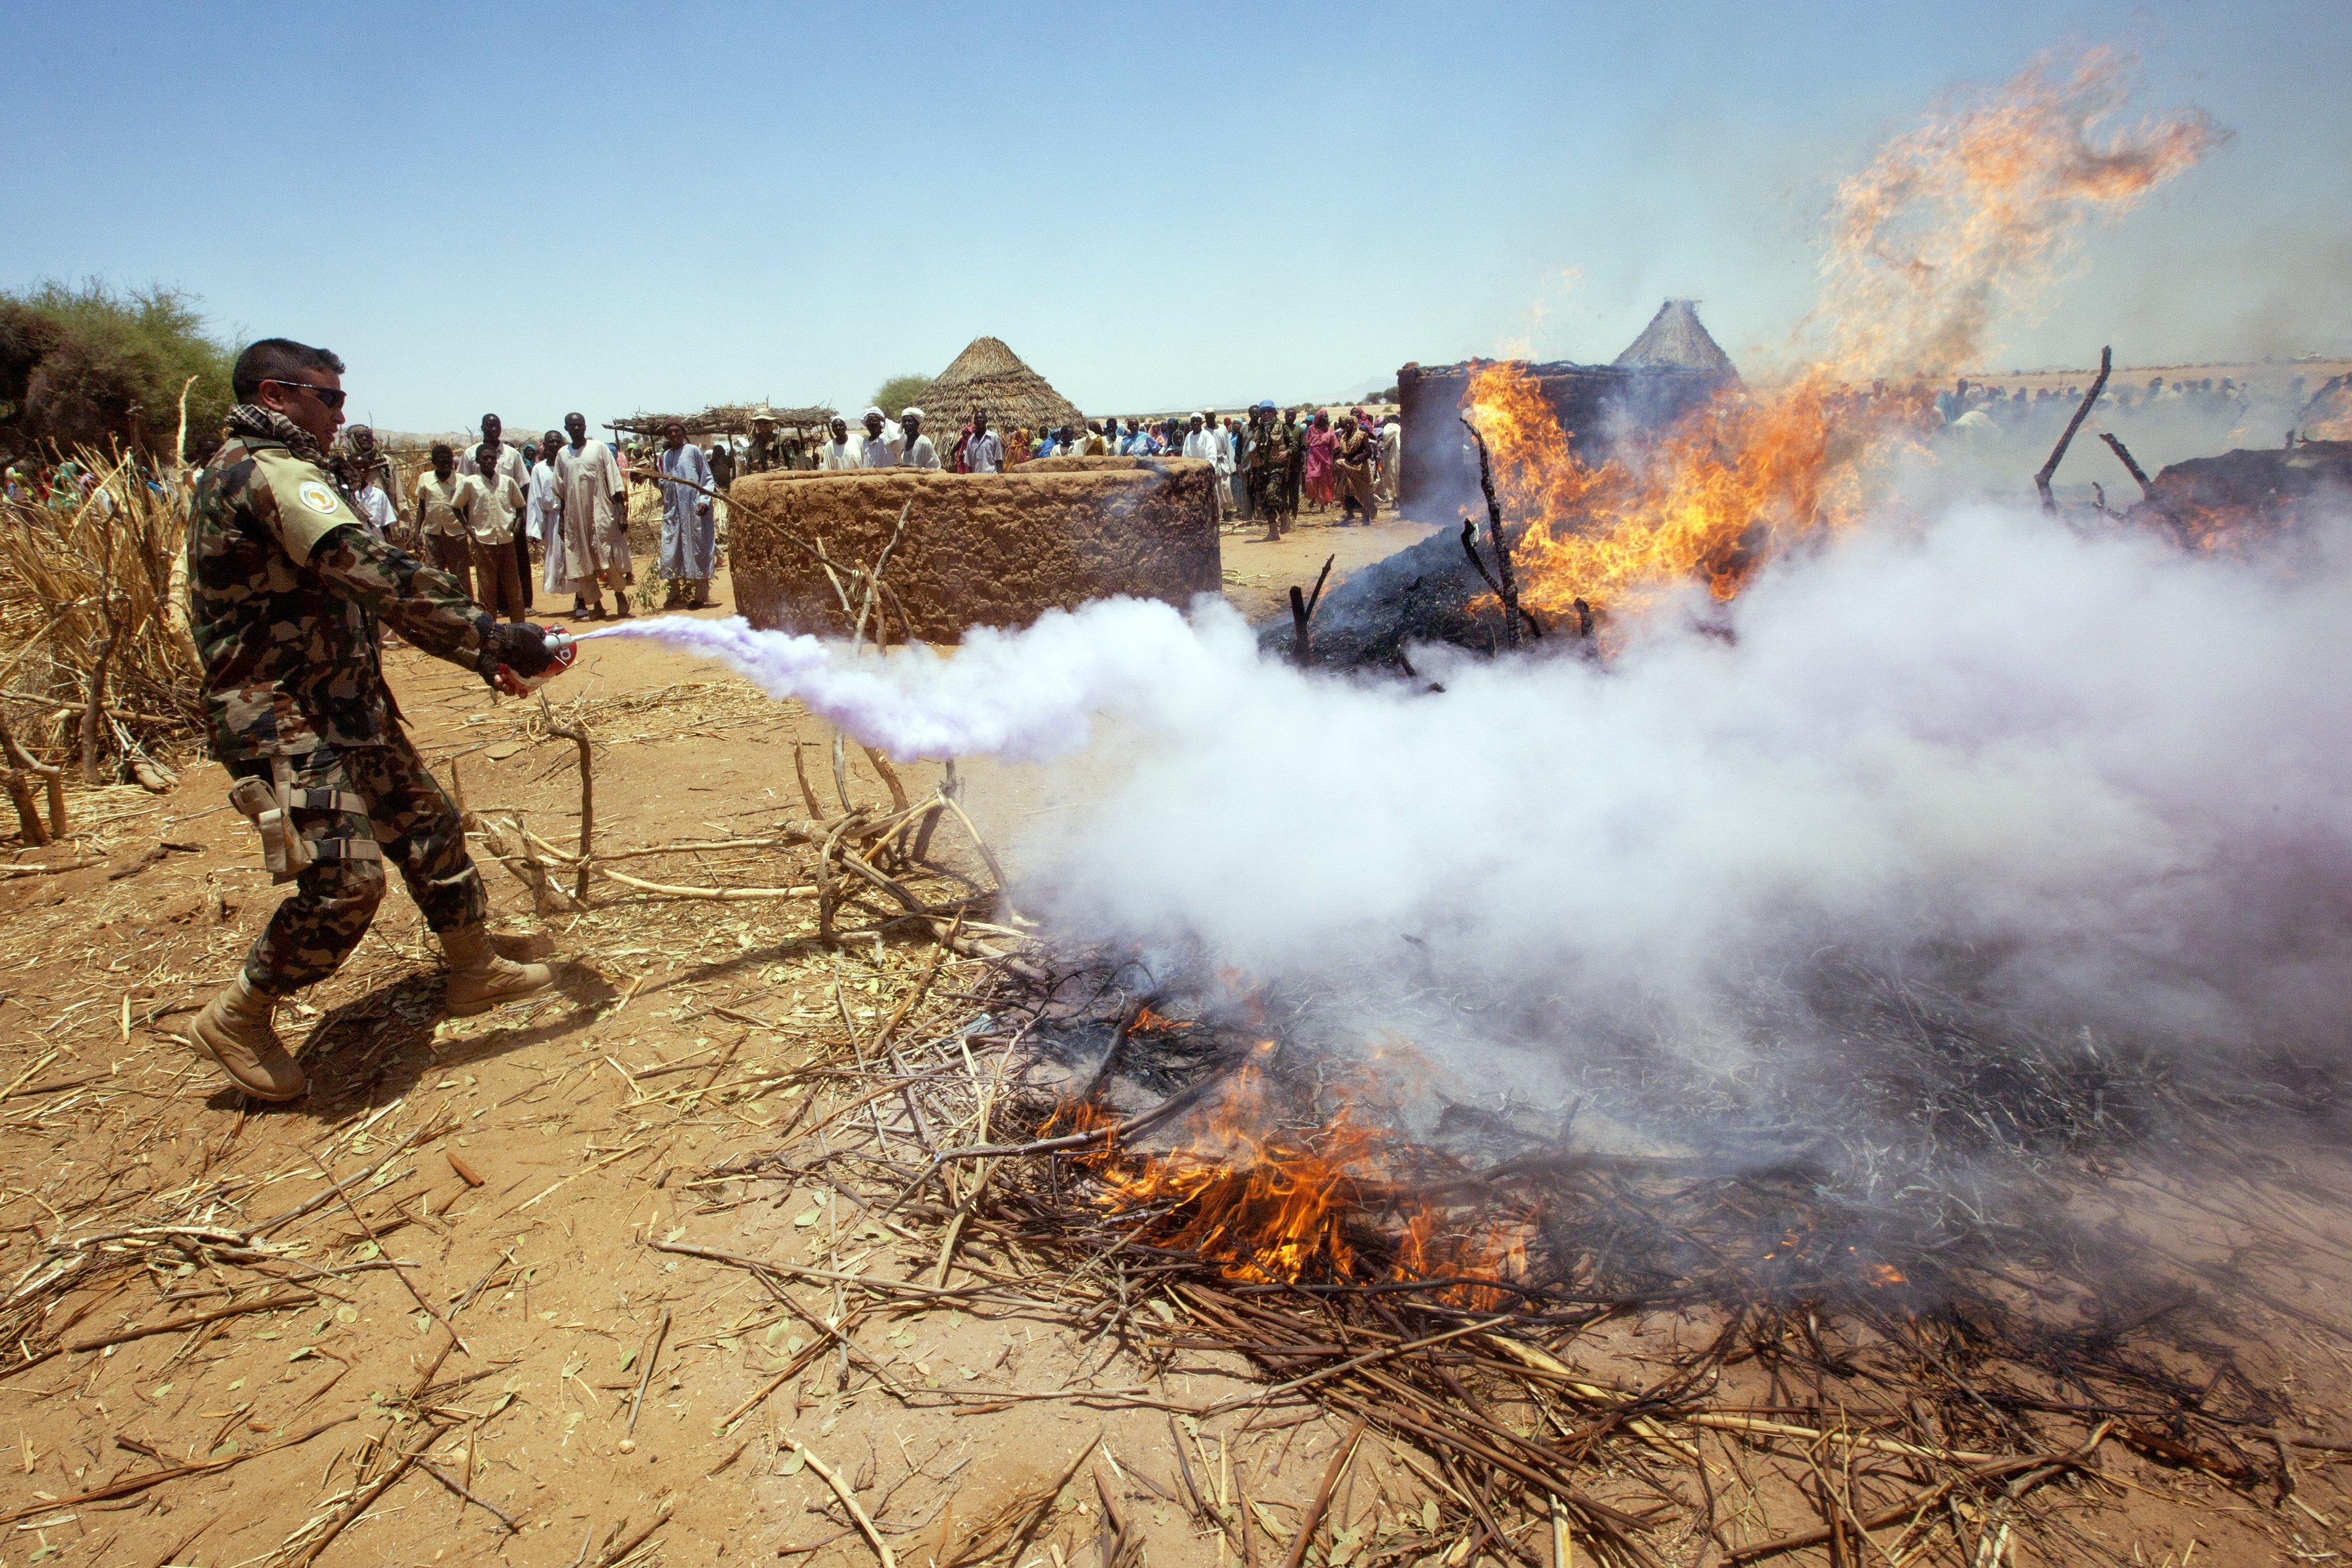 Конфликт в дарфуре фото